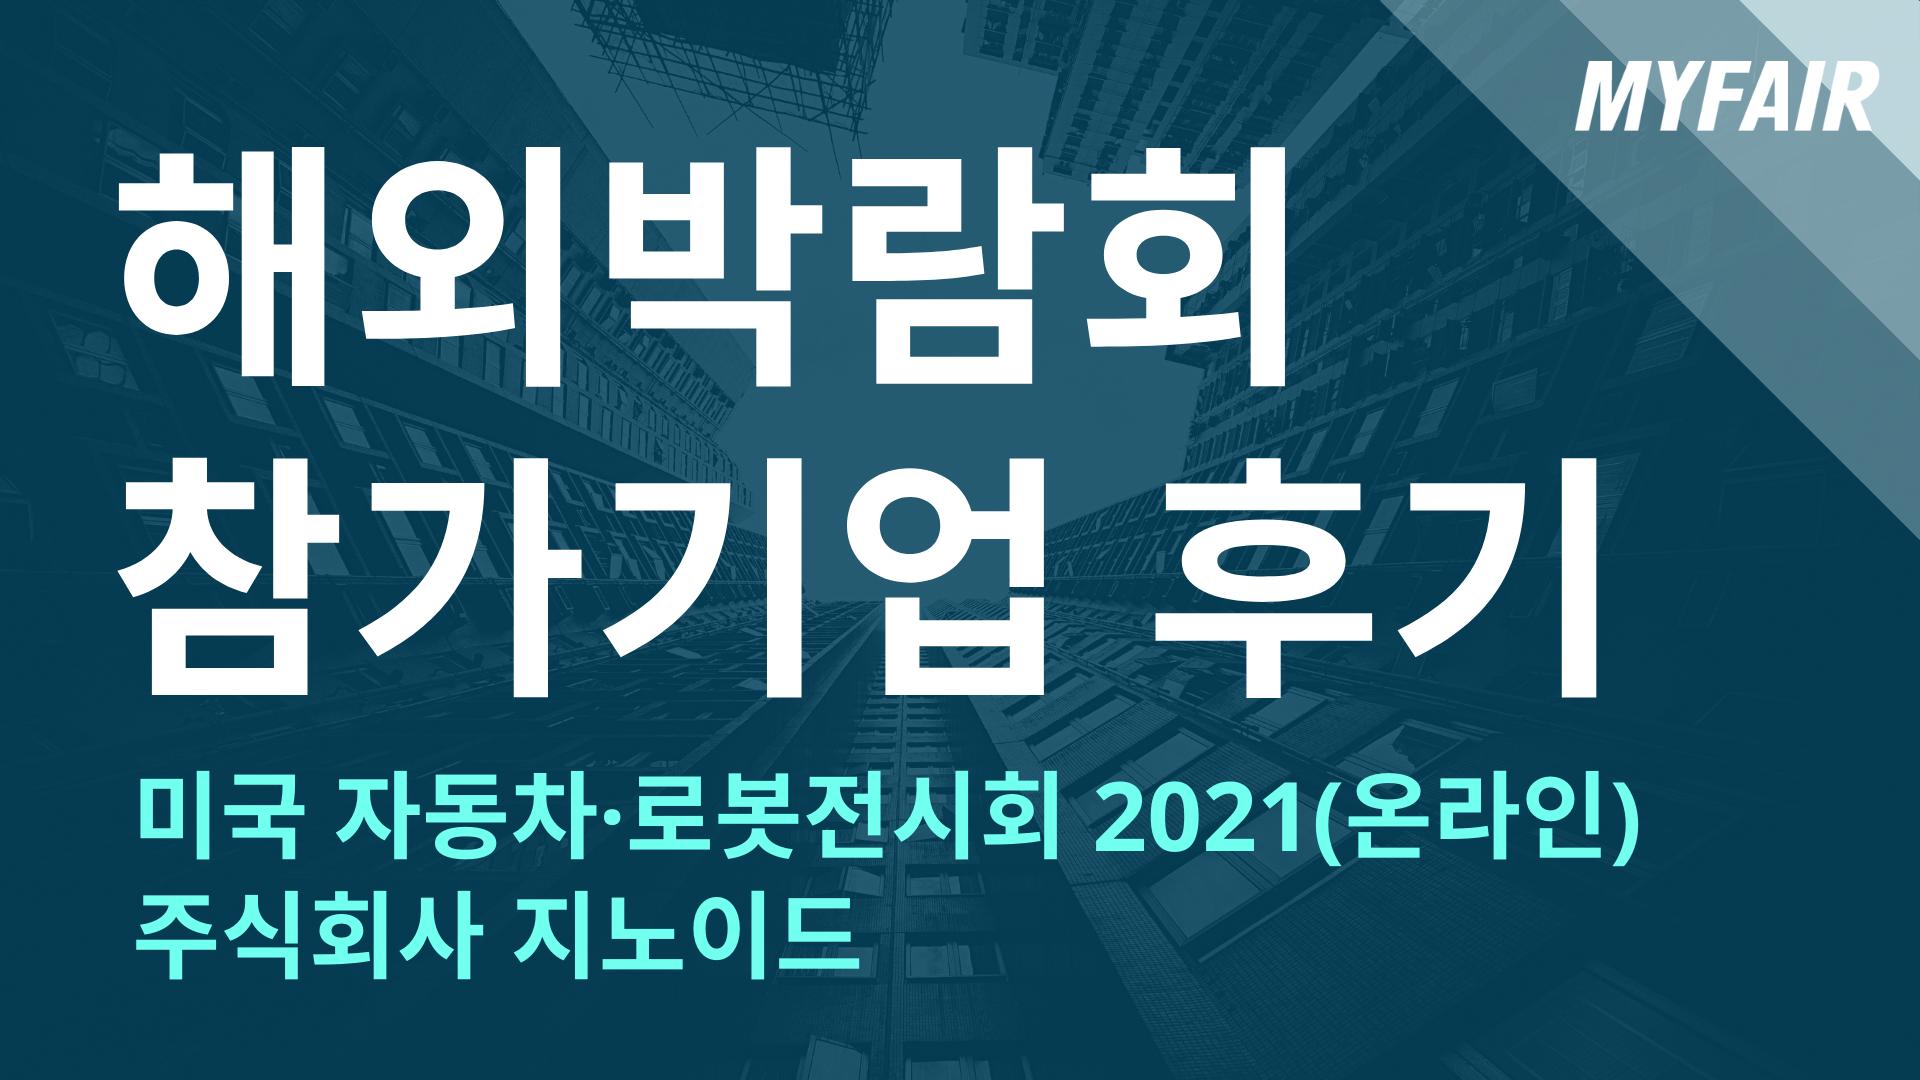 [해외박람회 후기] 미국 자동차·로봇전시회 2021 (온라인) - 주식회사 지노이드